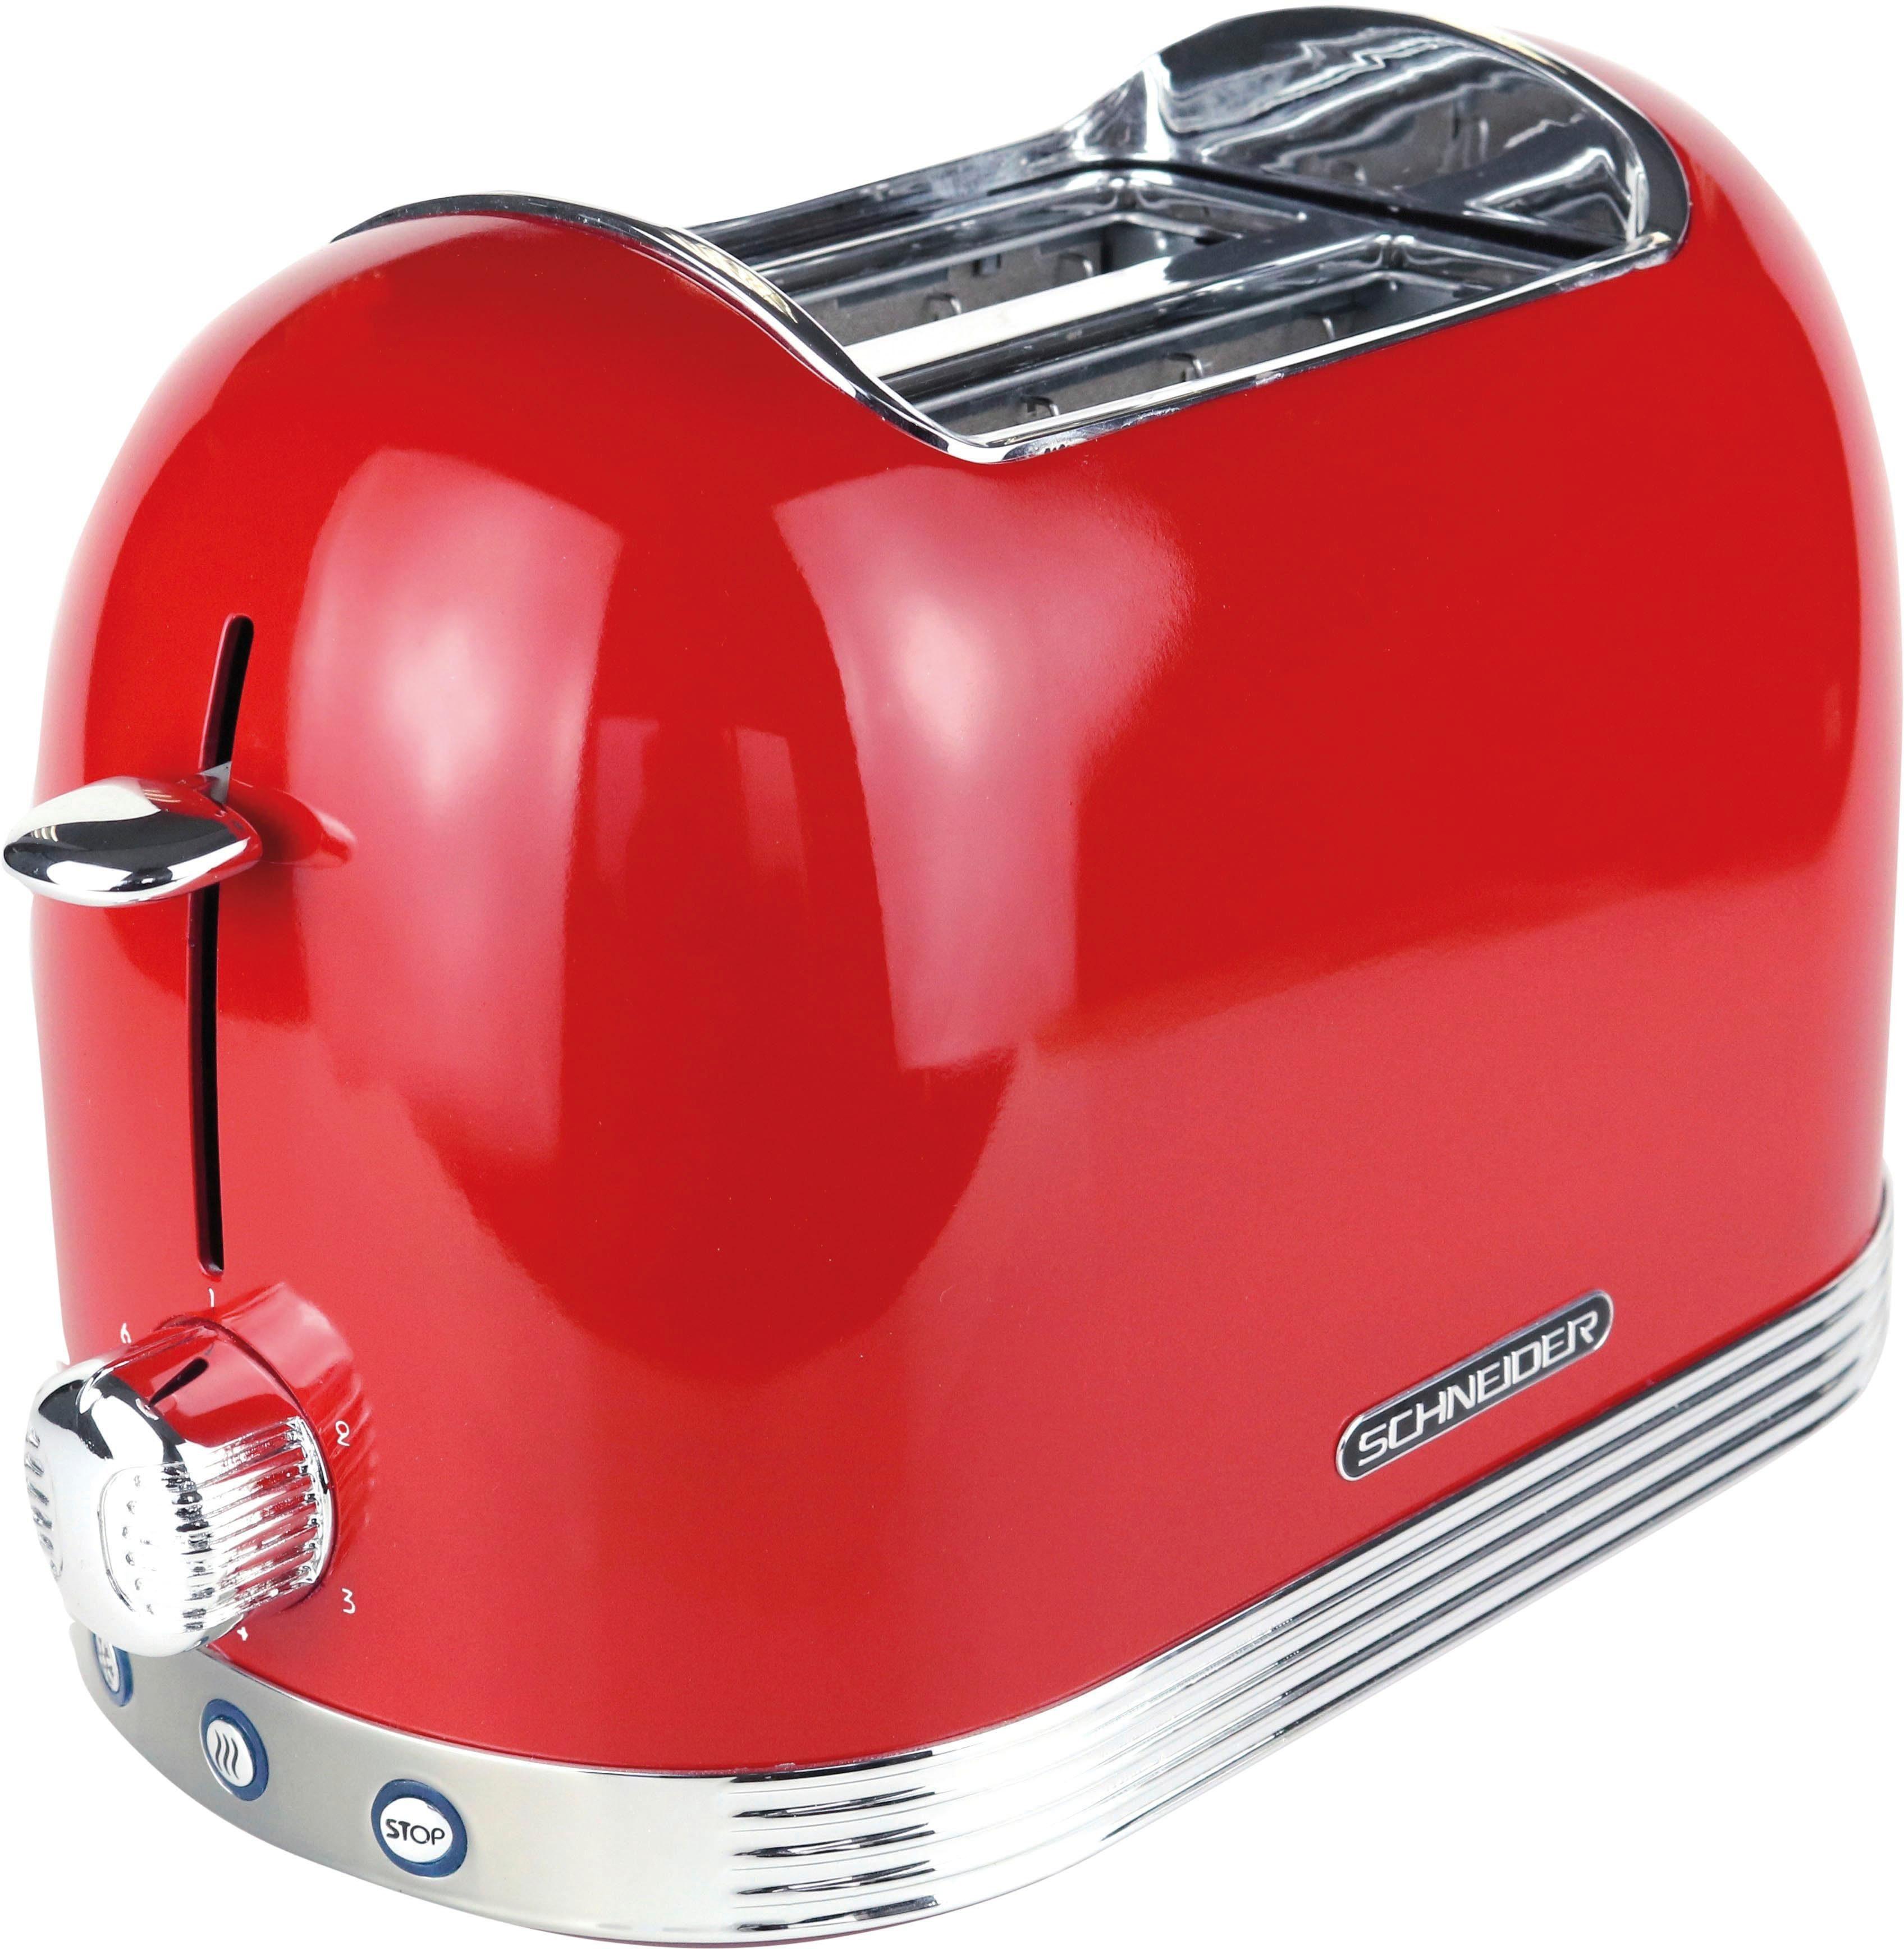 SCHNEIDER Toaster SL T2.2 FR, 2 kurze Schlitze, 850 W